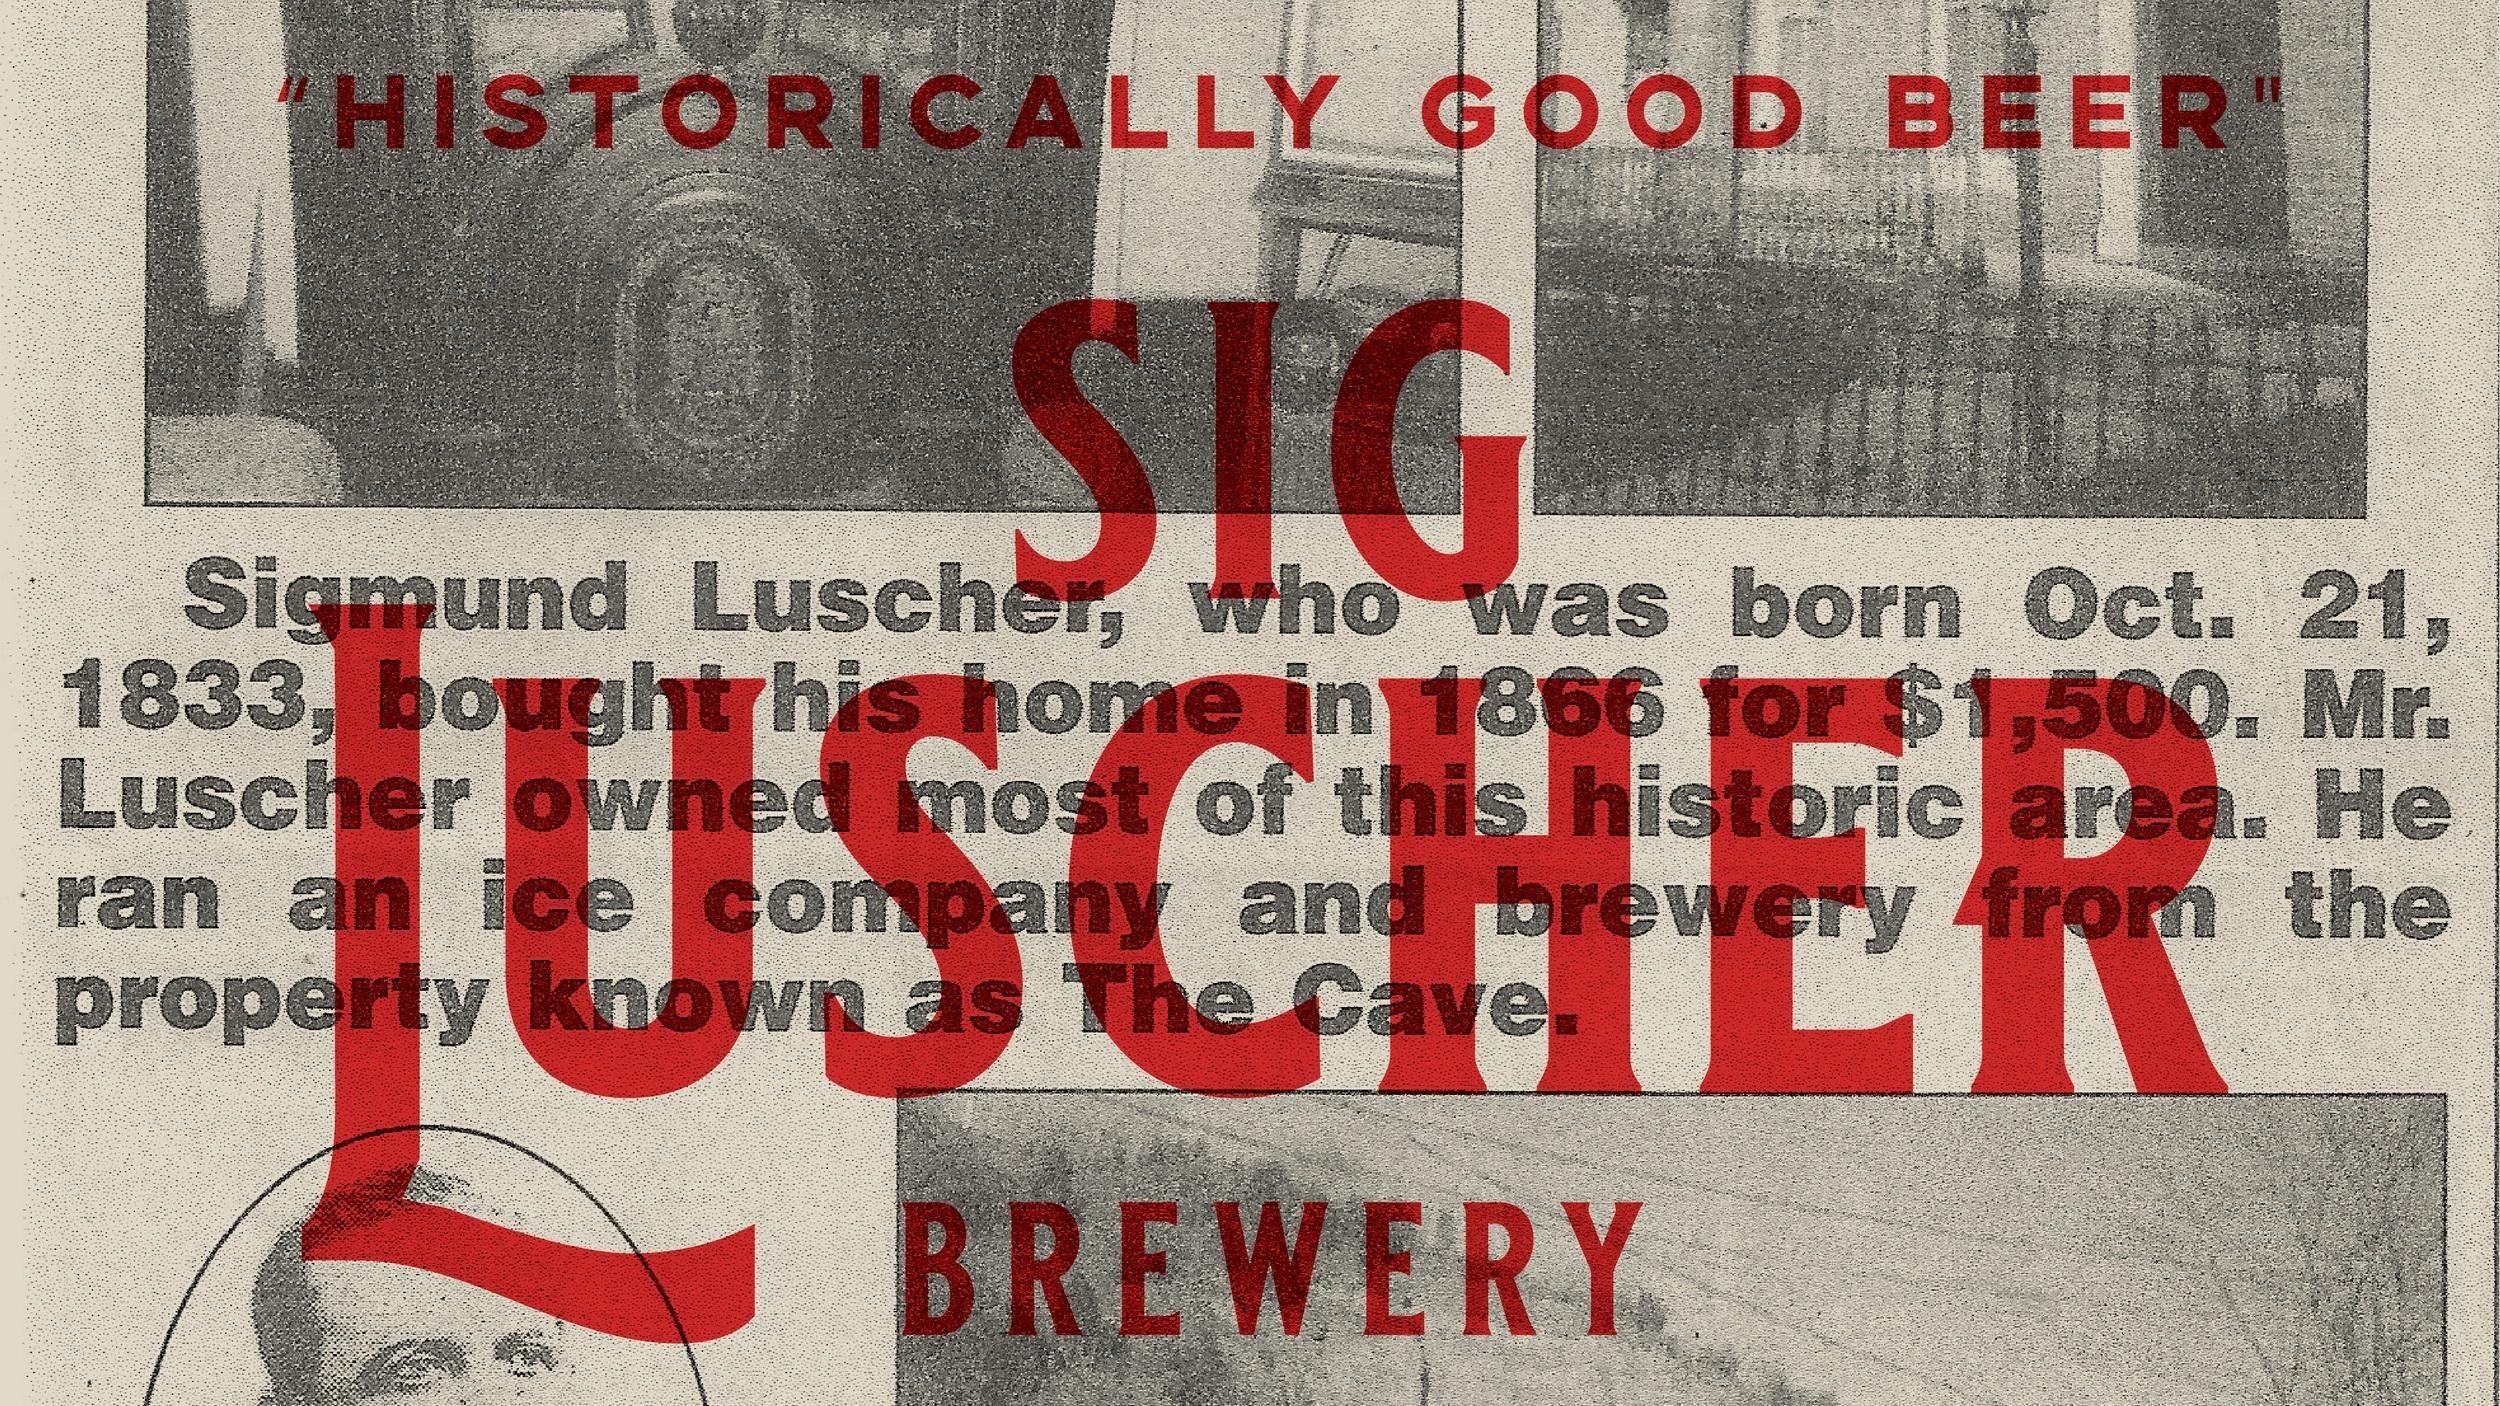 Sig Luscher - Historically Good Beer